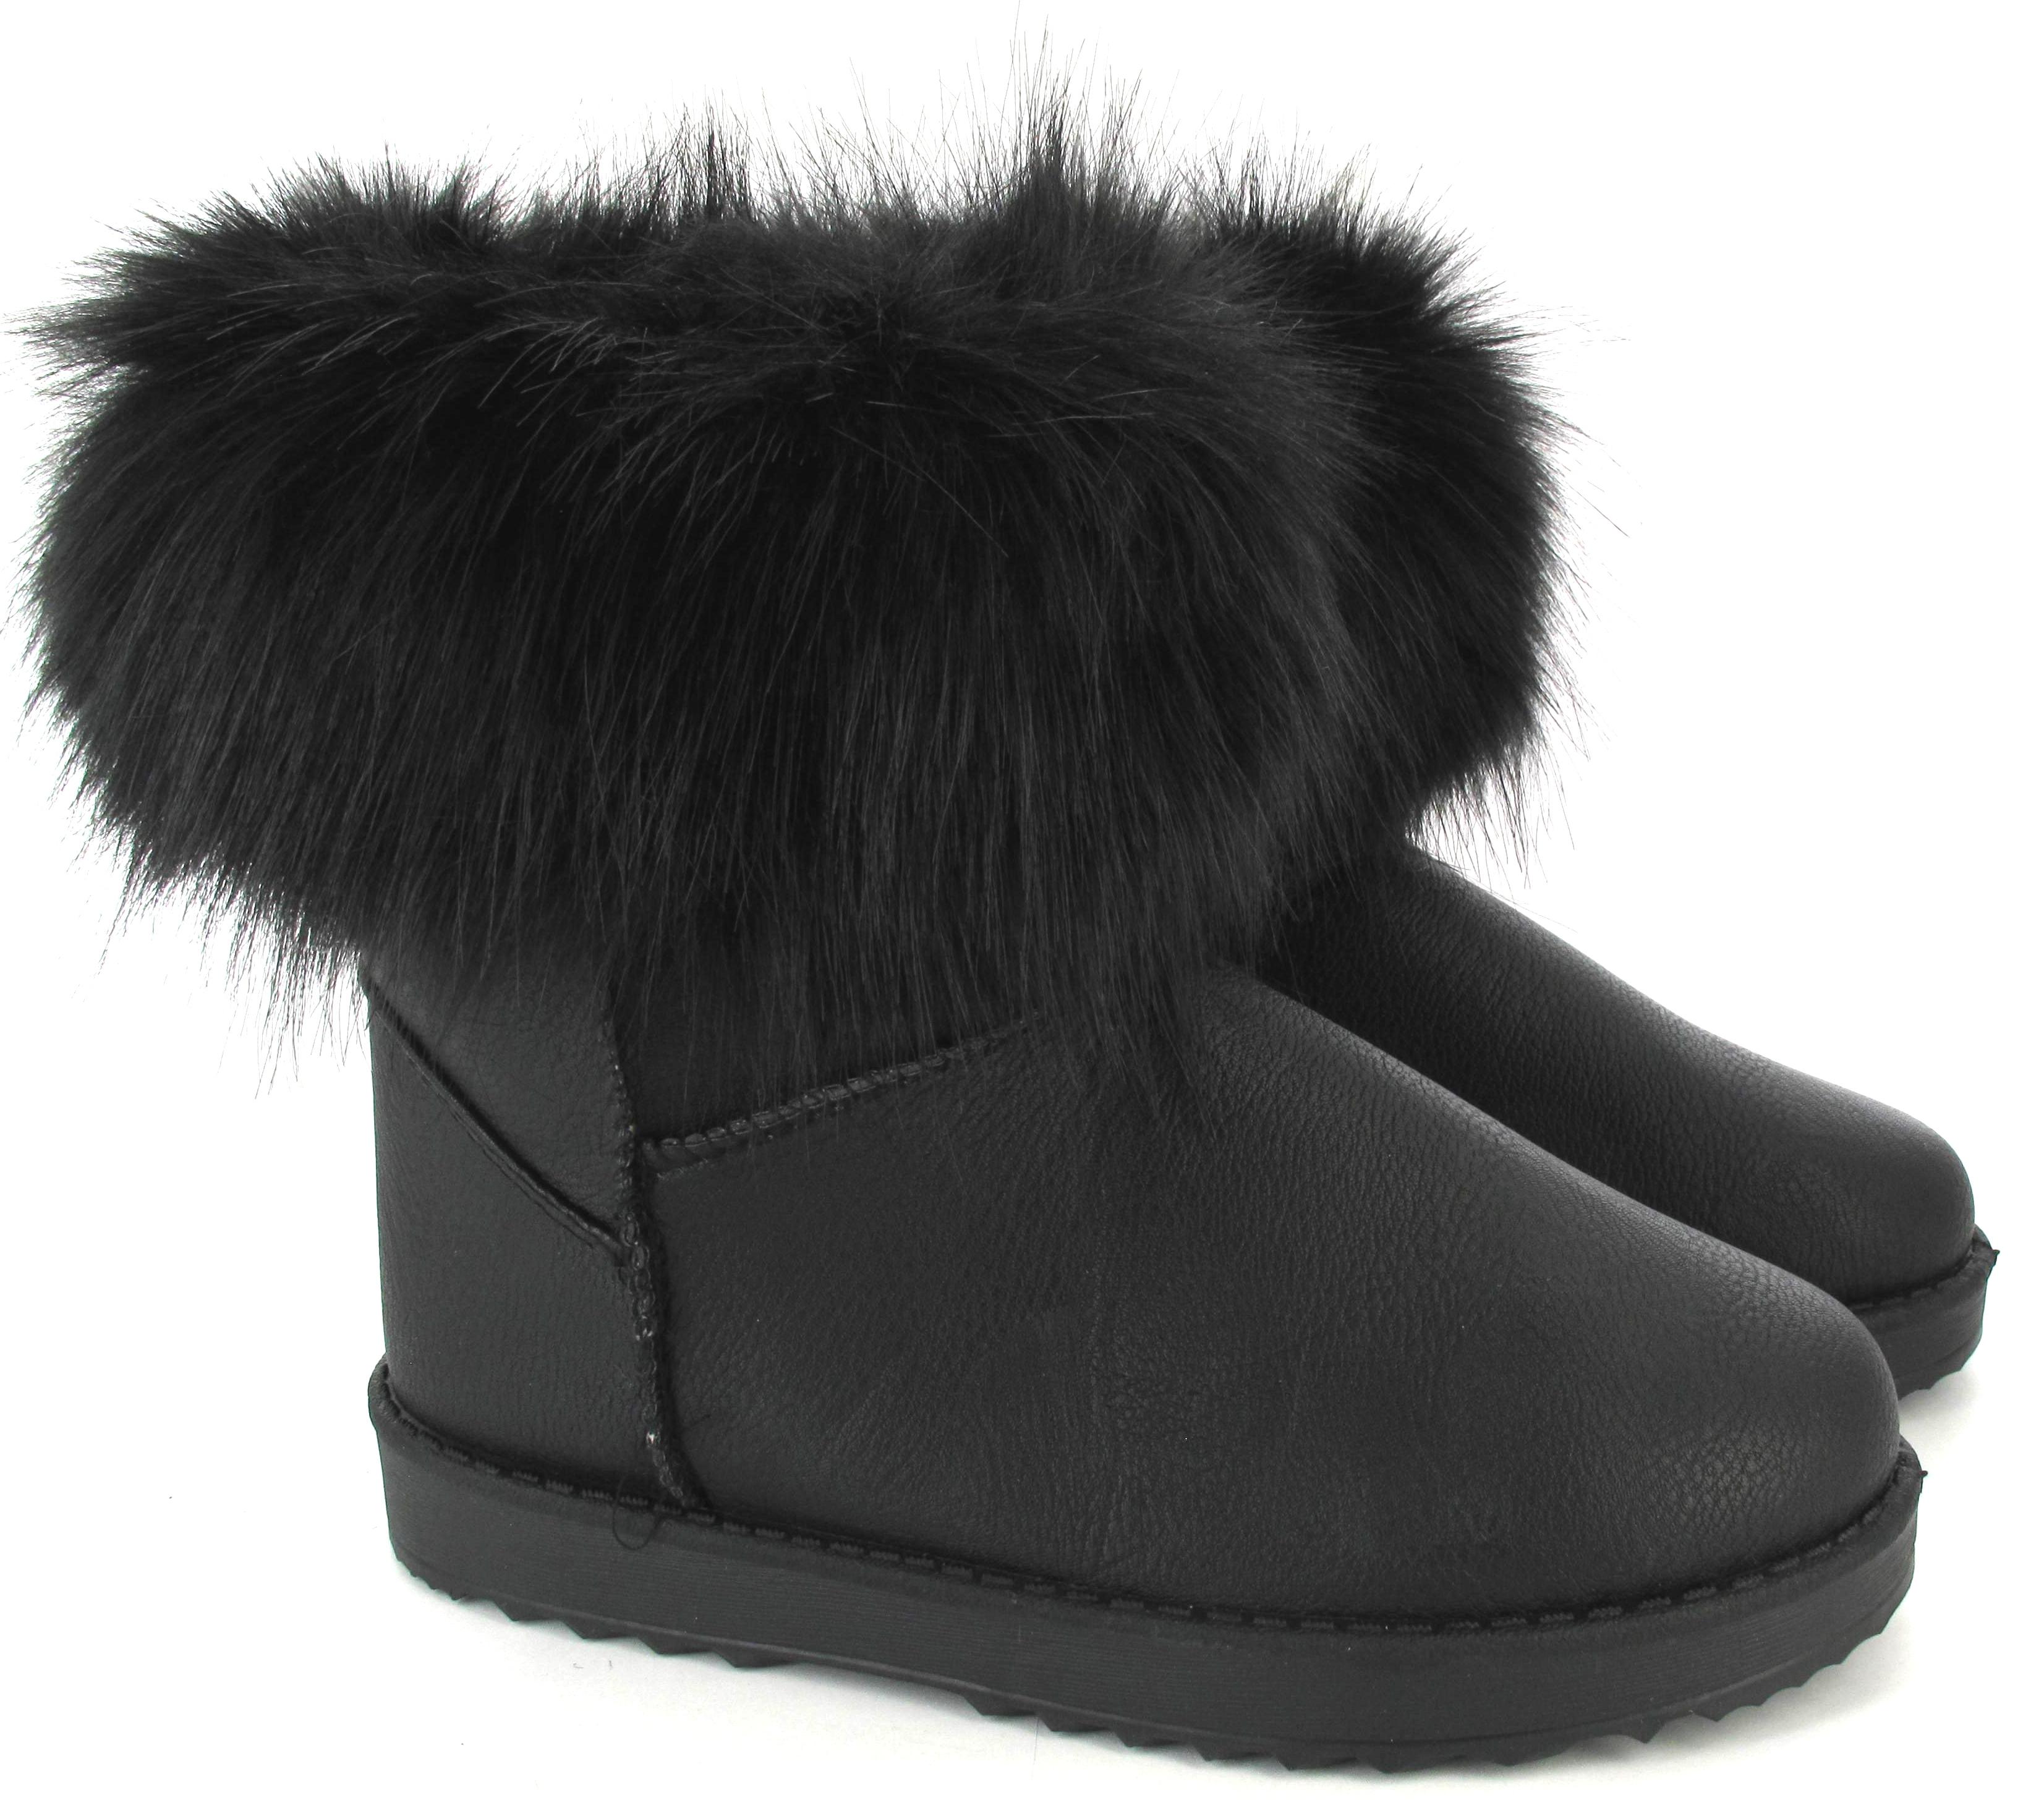 d9801a540c61 Faux Fur Shoe Boots – Fashion dresses